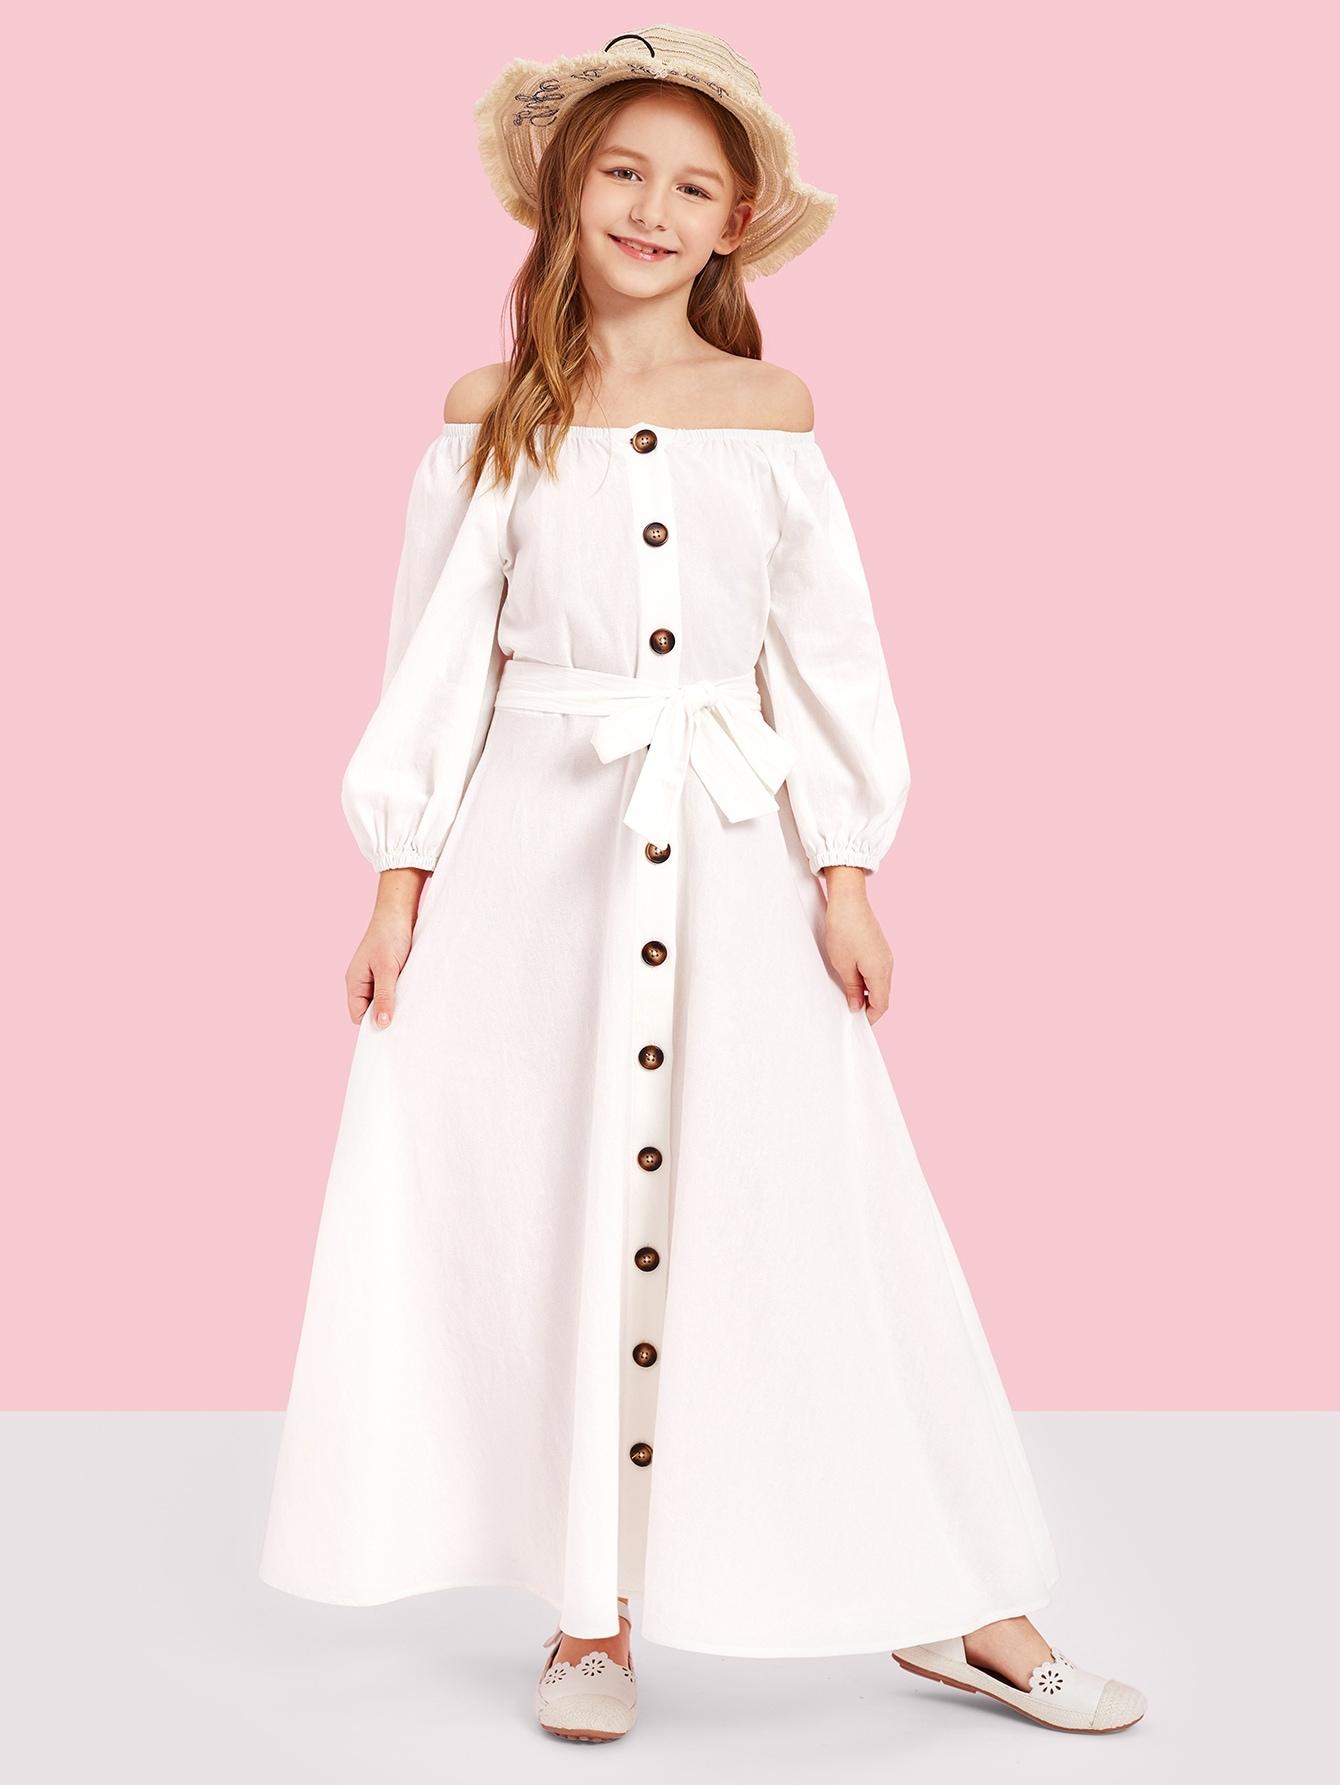 Купить Платье с открытыми плечами и поясом для девочек, Sasha, SheIn